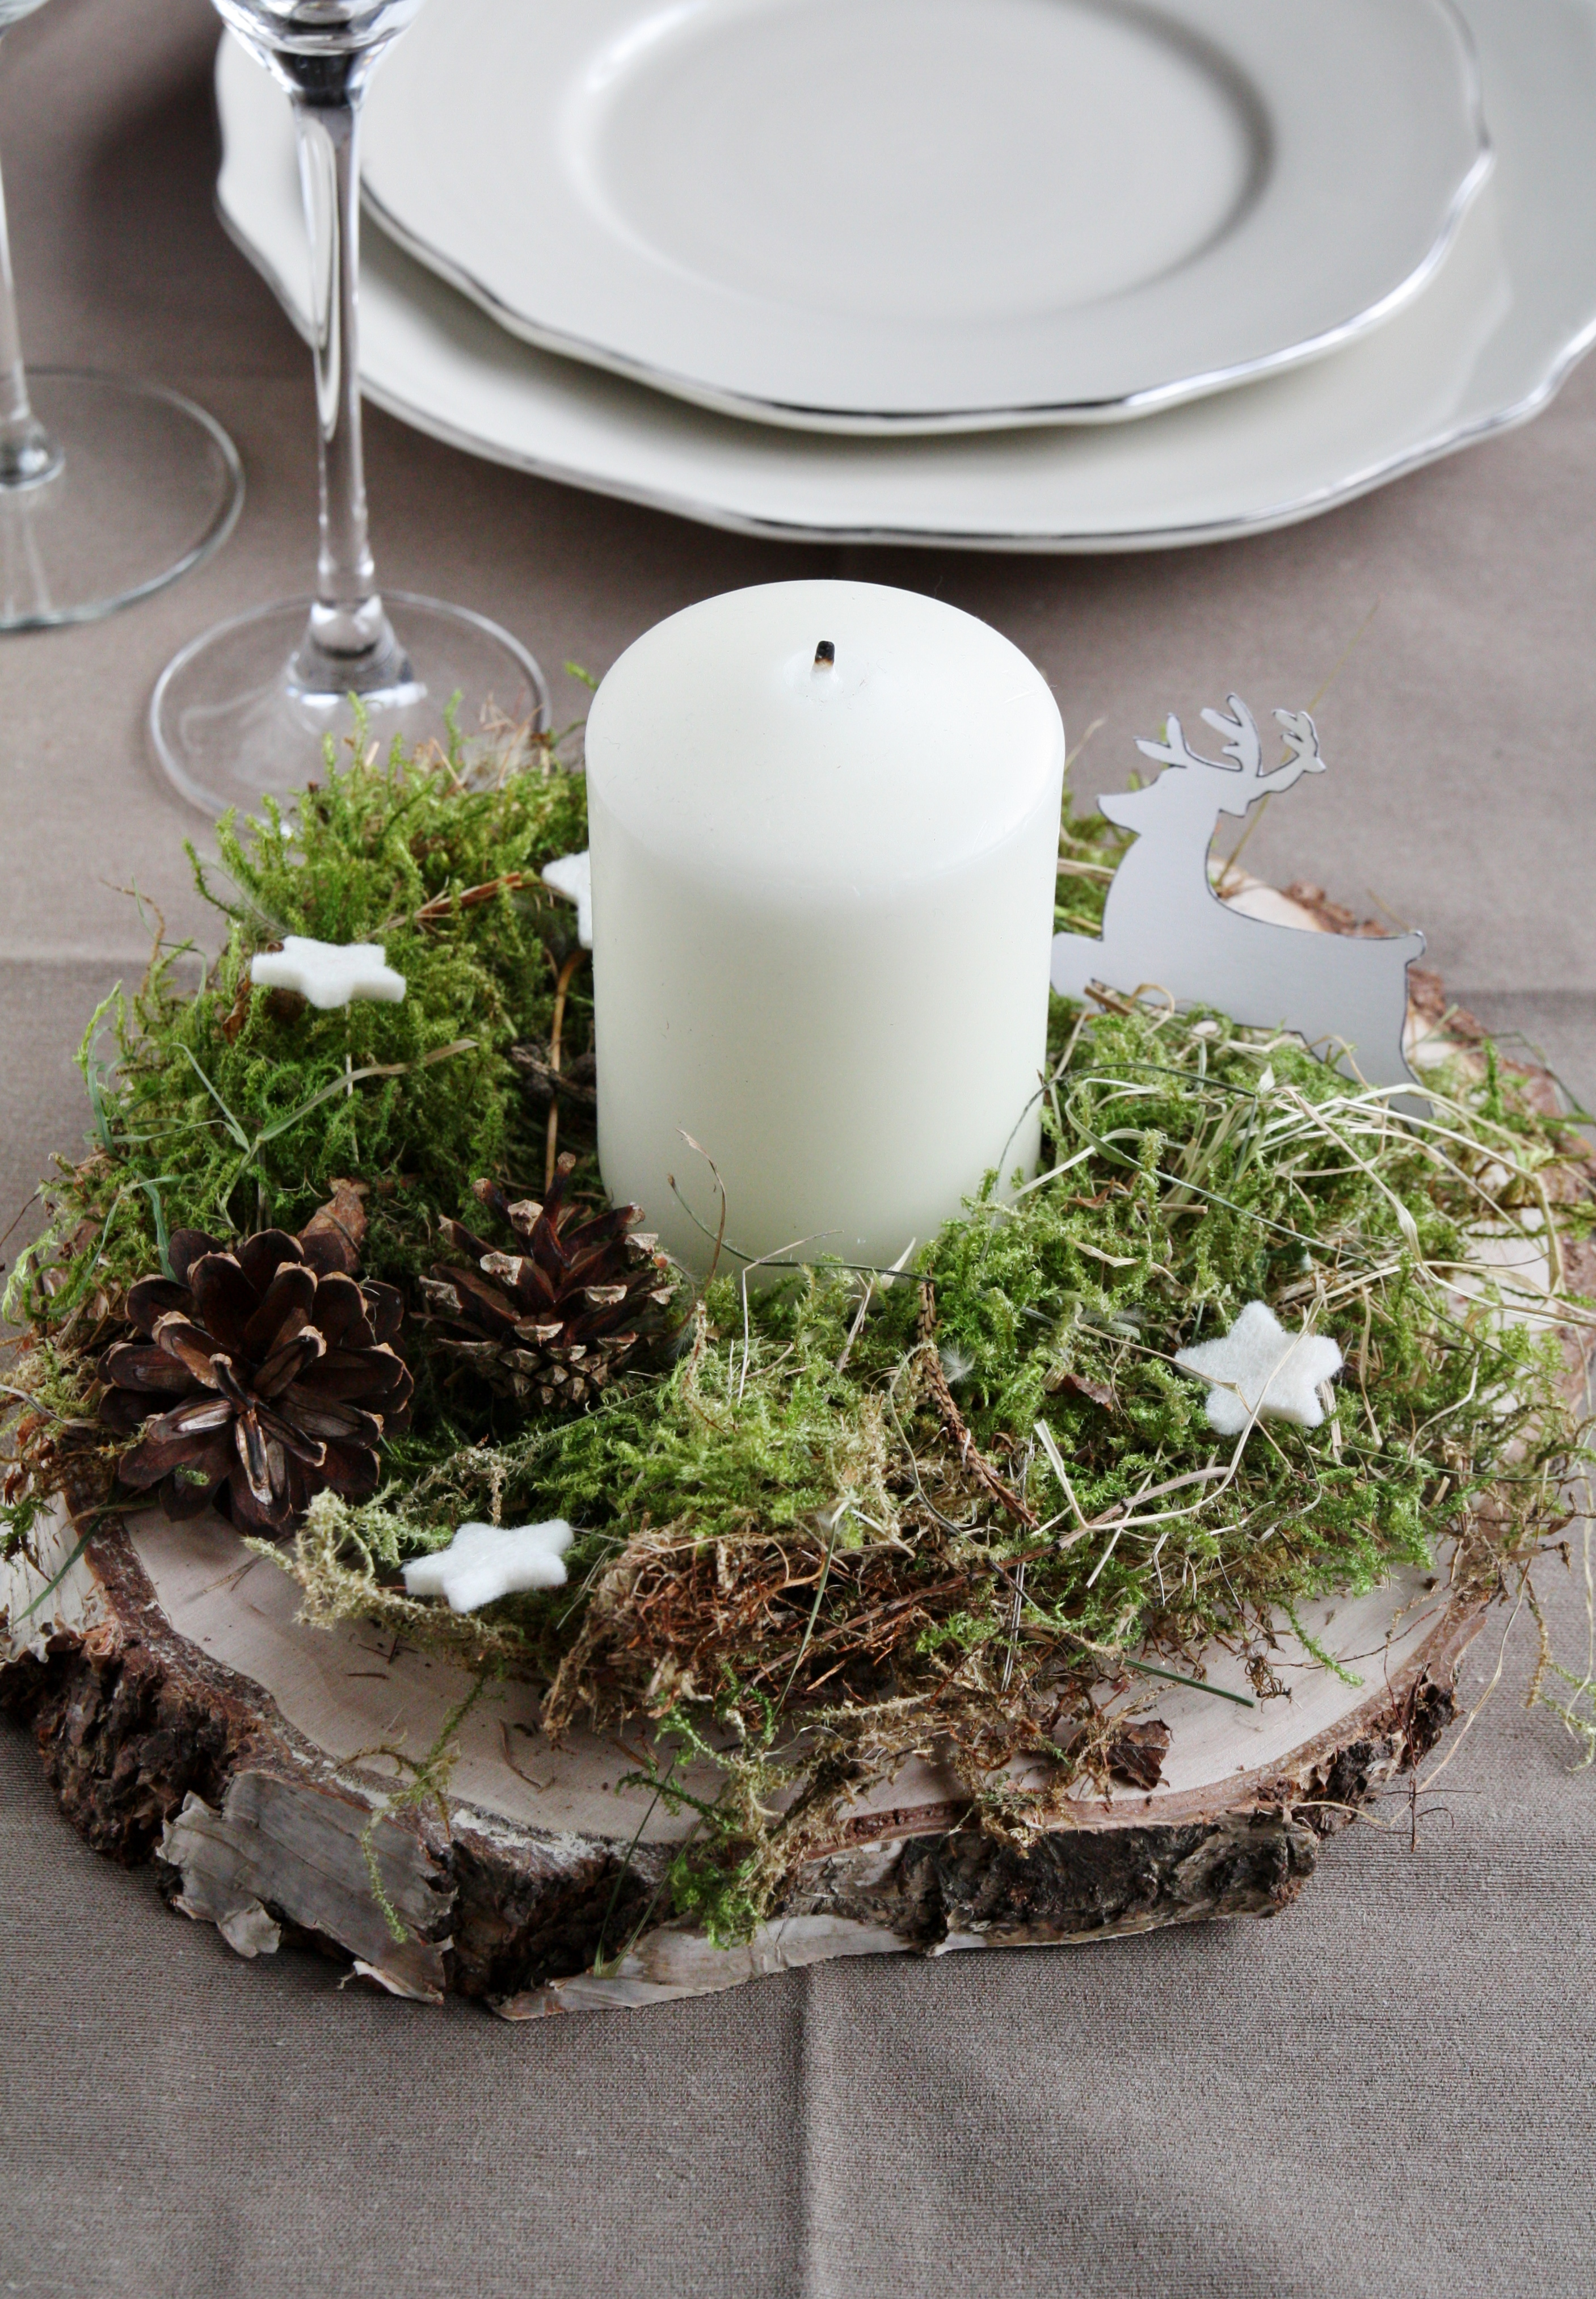 Arredare Tavola Natale 5 idee per decorare la casa e la tavola per natale